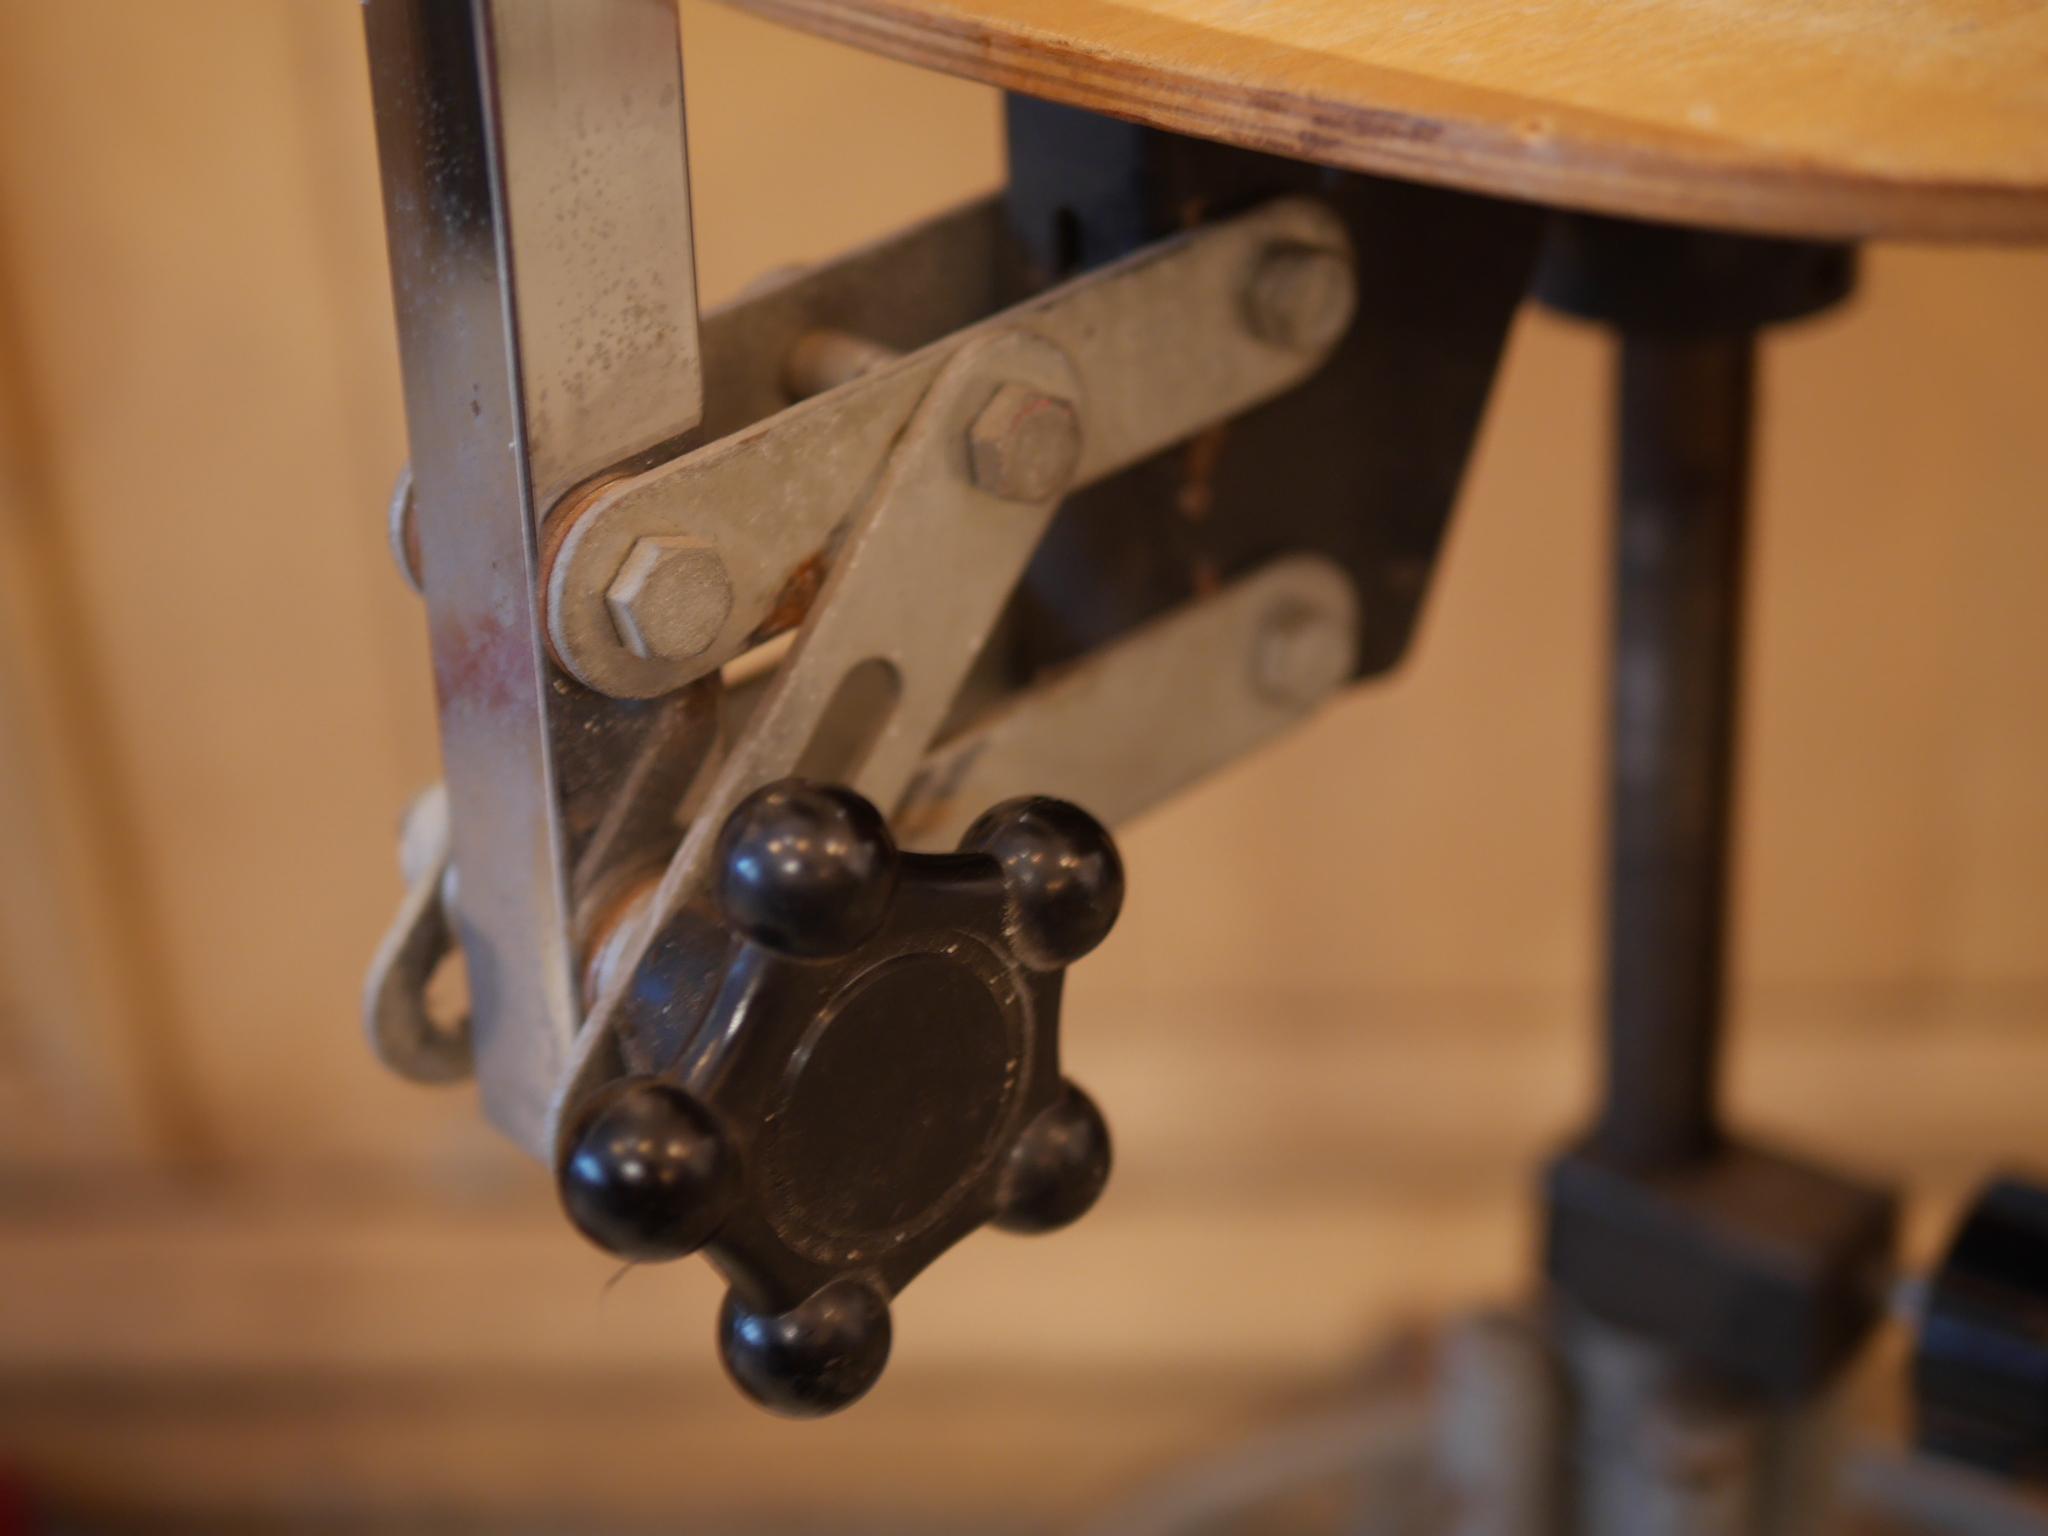 法國   【ANTIQUE 】  古五面玻璃吊燈     ANTIQUE FRENCH HANGING LAMP      PRICES:    $1,000     FROM:    法國     DESCRIPTION:    這是一盞古吊燈,   擁有五面的玻璃面。   包著五面玻璃的金屬框框已被銹化,